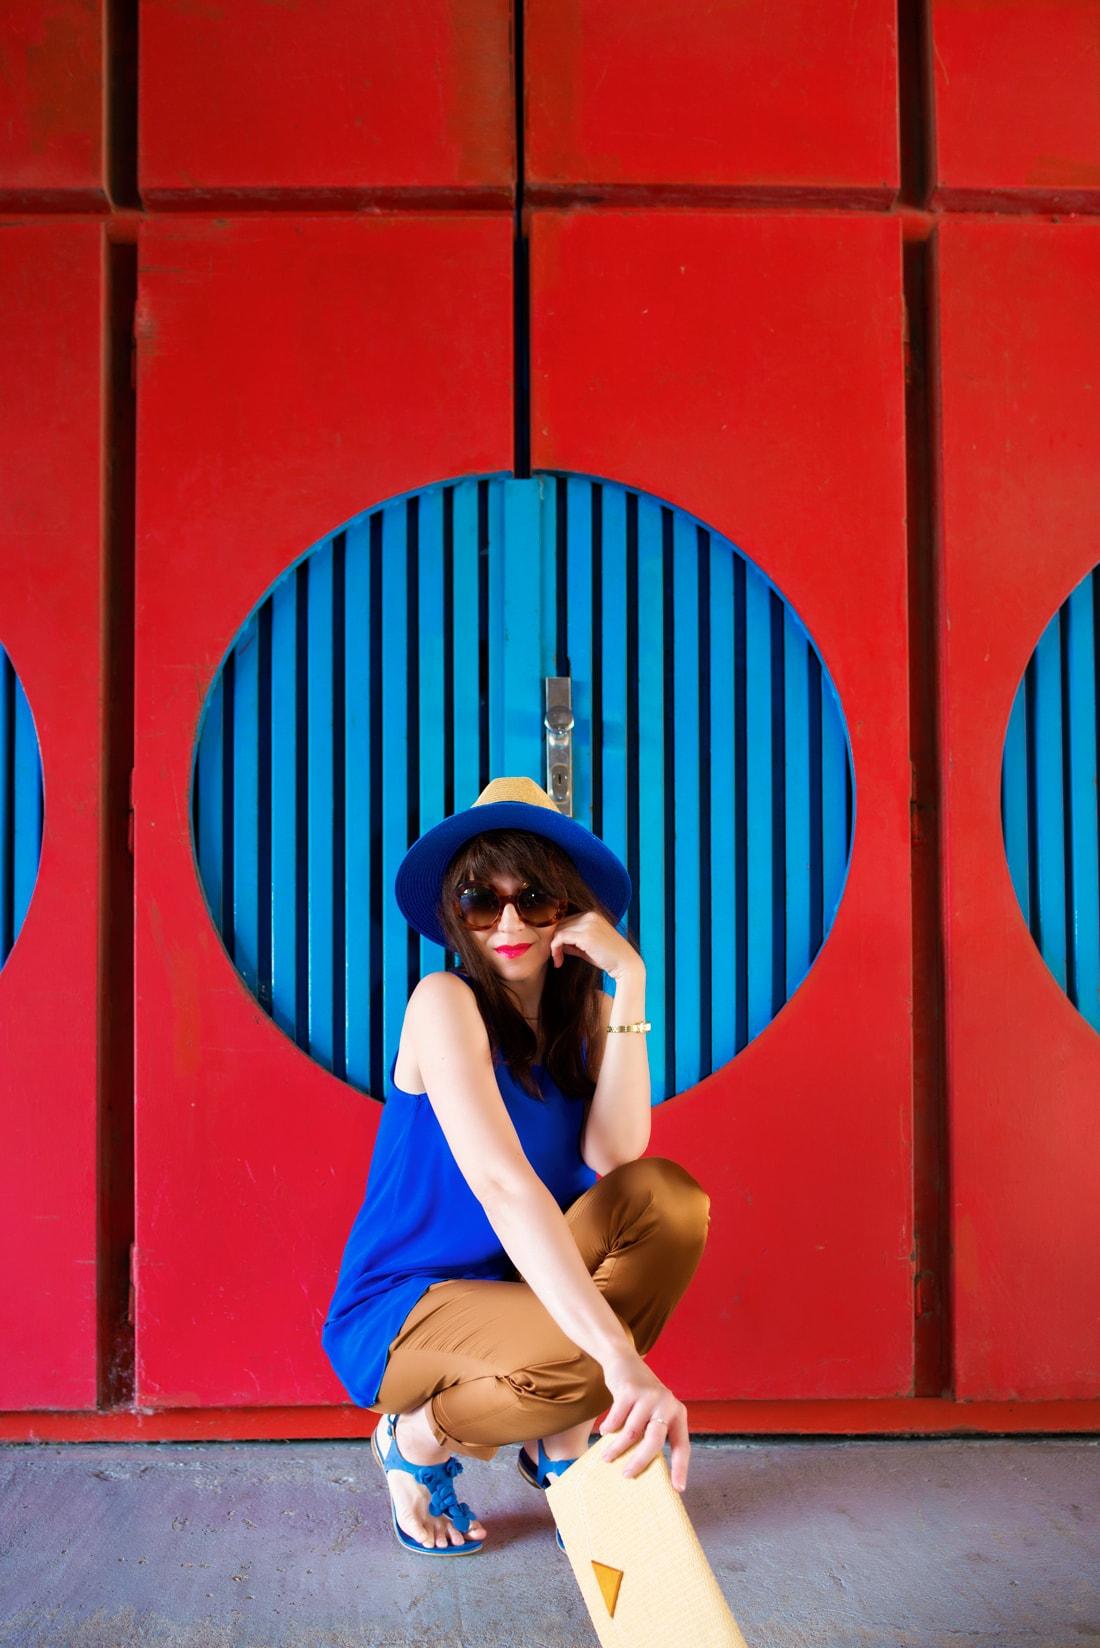 INŠPIRÁCIA NA JAR/LETO 2018 ALEBO AKO NOSIŤ KLOBÚK_Katharine-fashion is beautiful_Blog 12_Slamený klobúk Parfois_Slamená listová kabelka_OOTD_Katarína Jakubčová_Fashion blogger